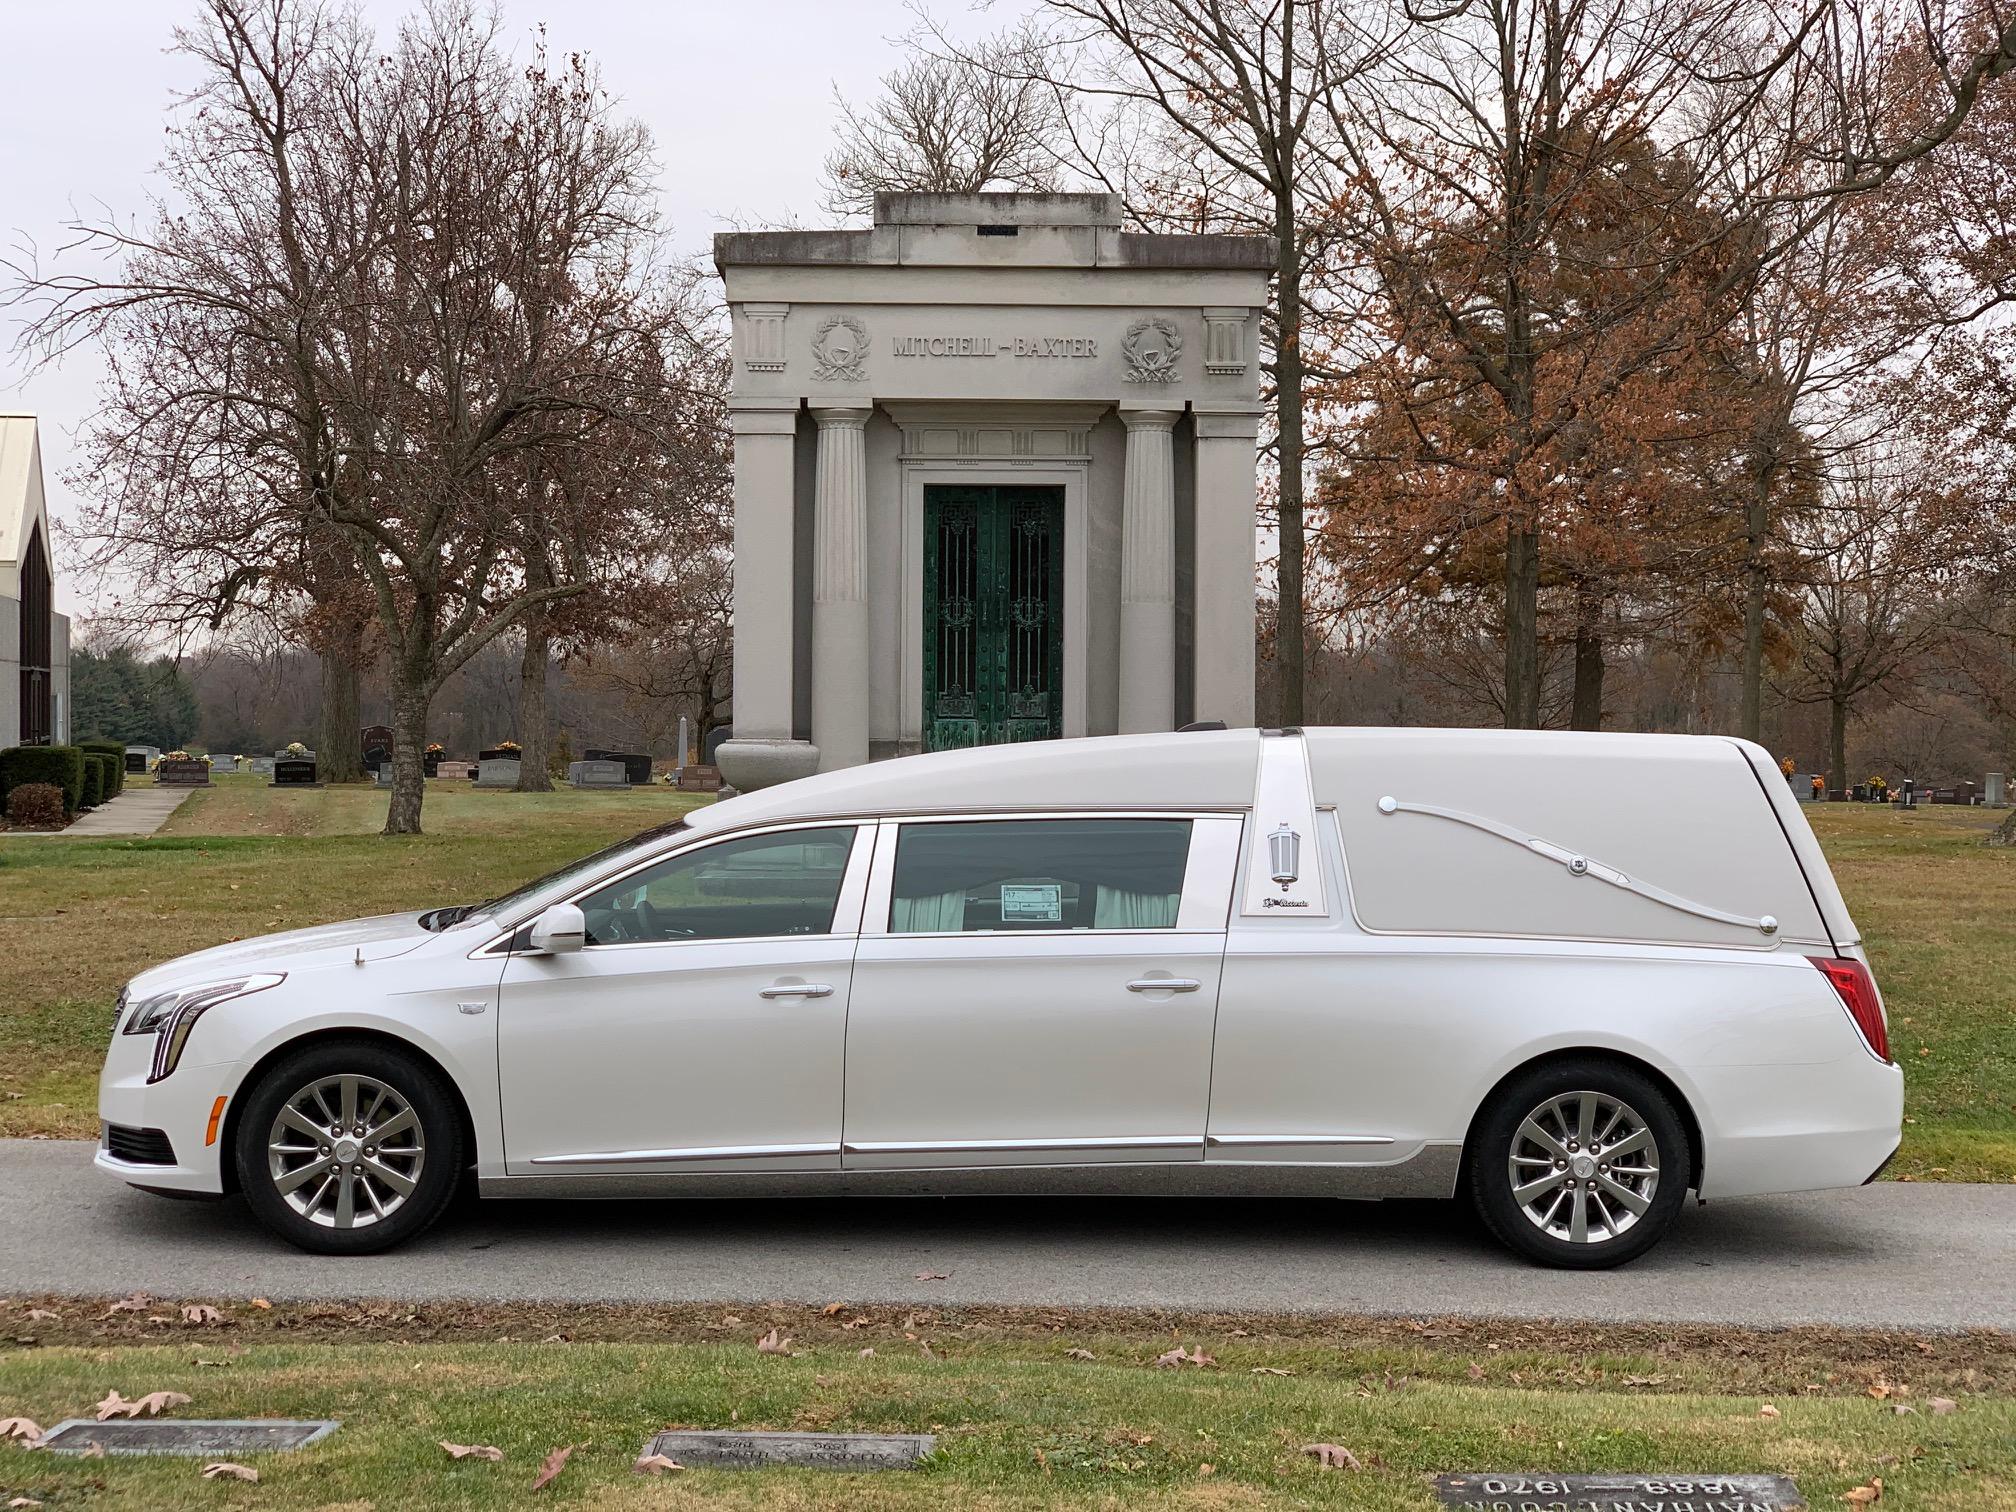 2019 Cadillac S&S Victoria Hearse For Sale